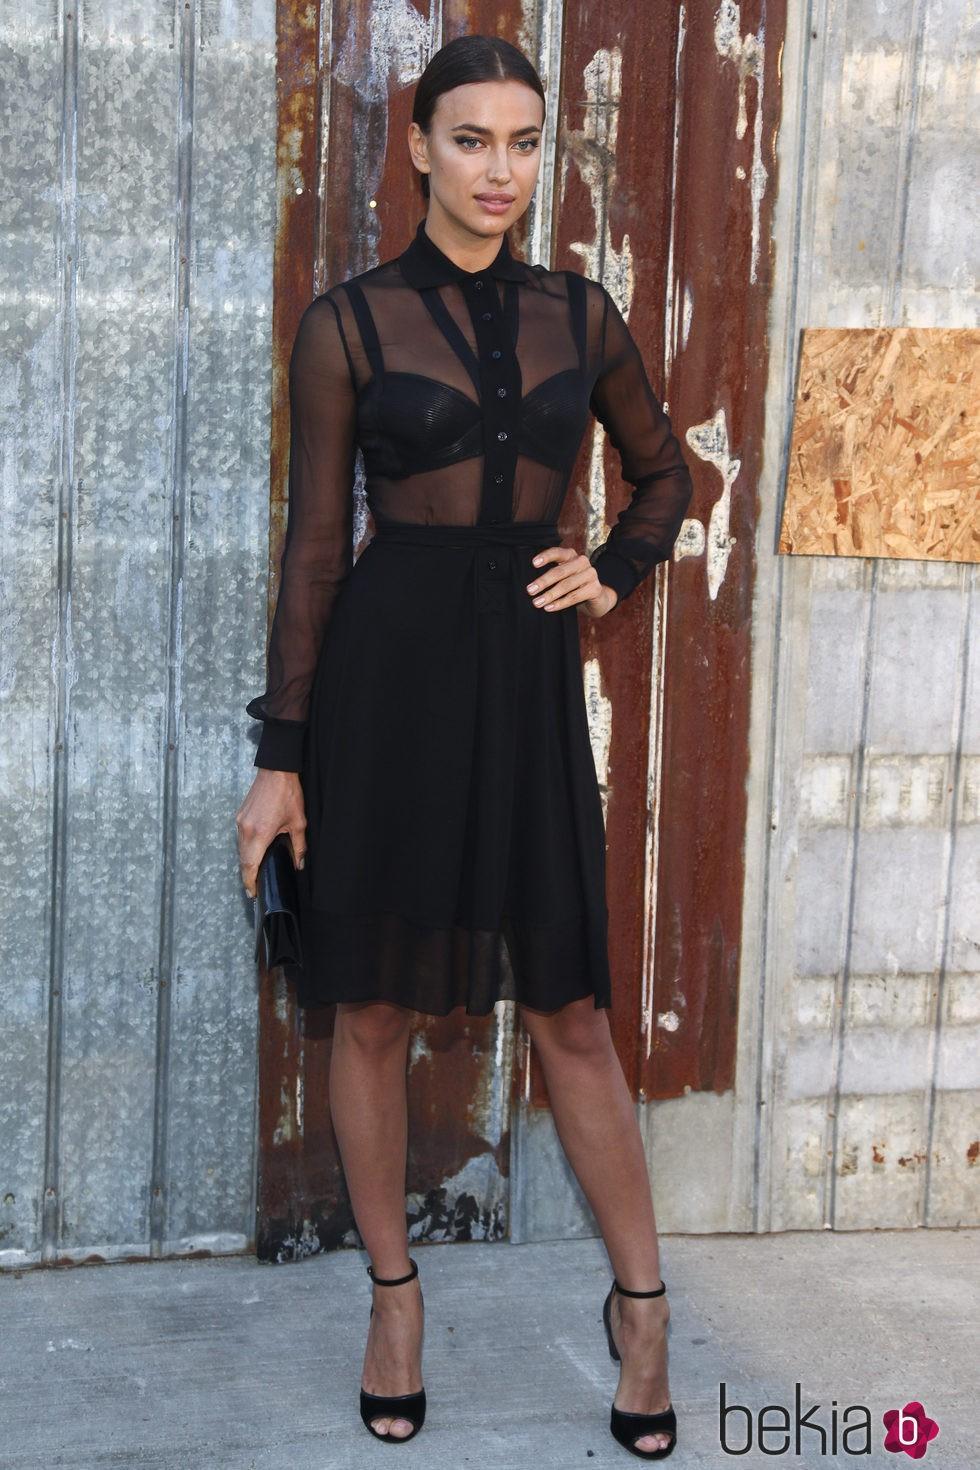 Irina Shayk en el desfile de Givenchy en la Nueva York Fashion Week primavera/verano 2016